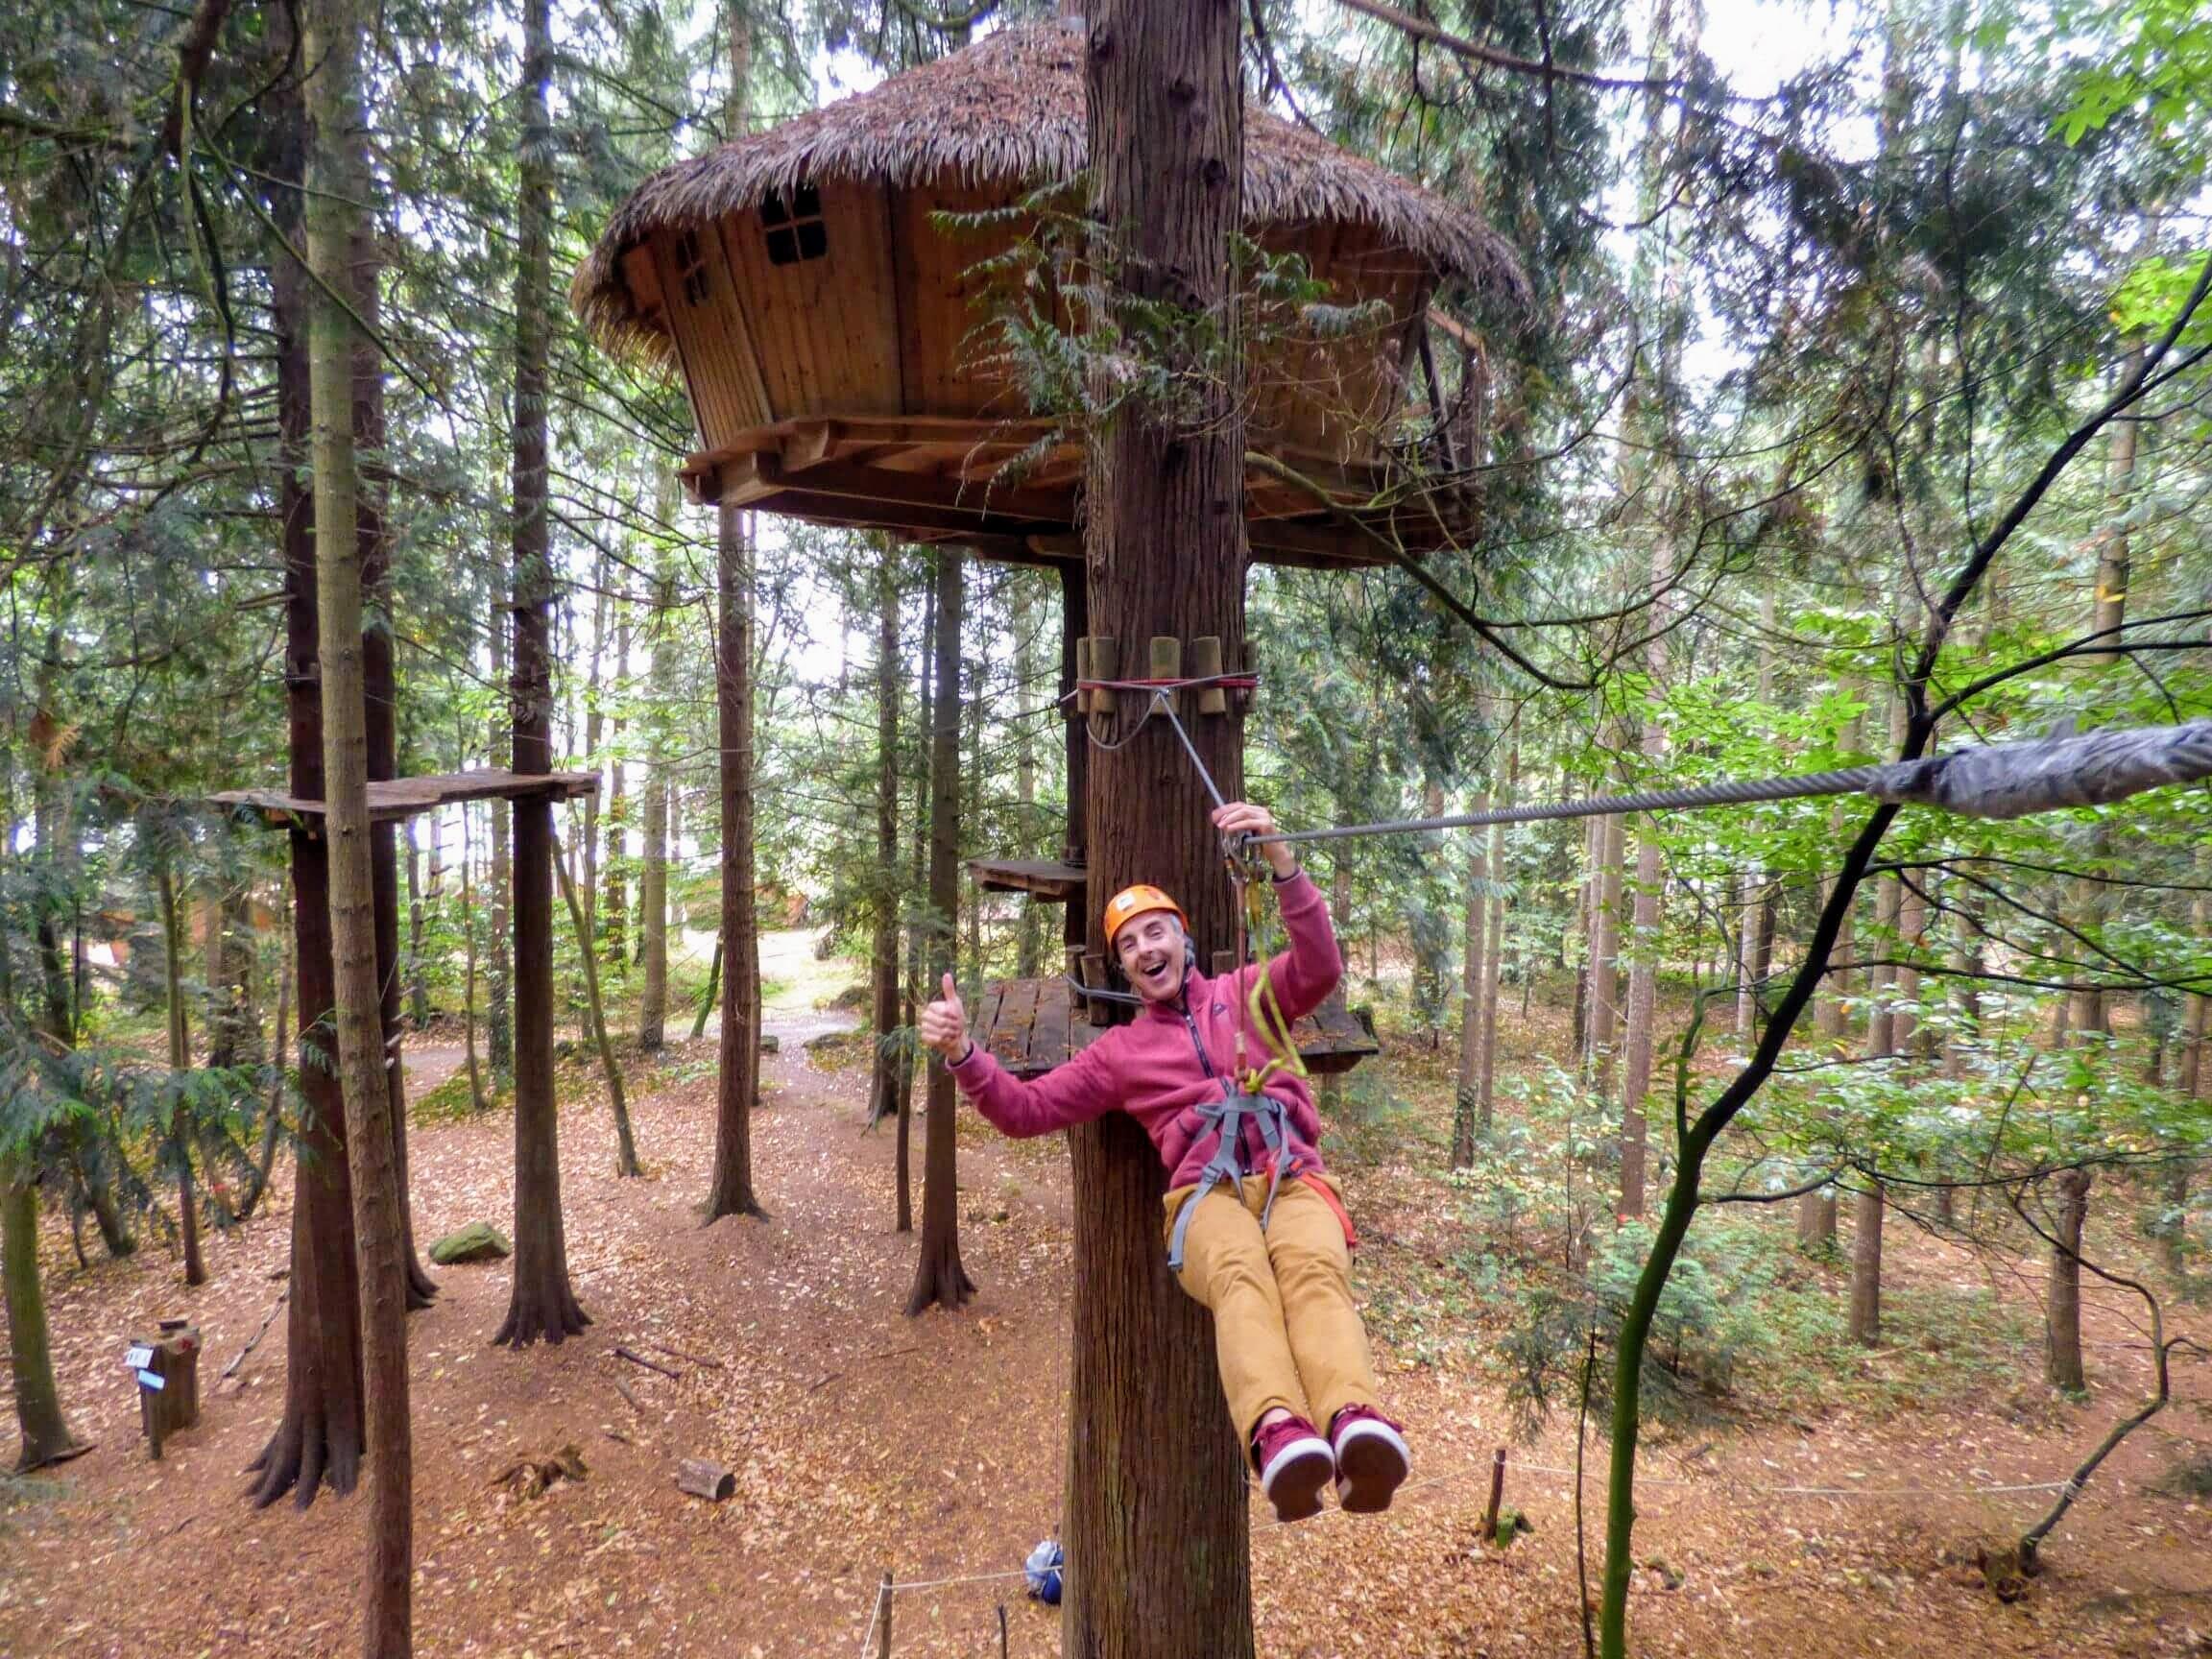 Cabane tyrolienne insolite dans les arbres, séjour romantique Bretagne cabanes-tyroliennes-weekend-insolite-sejour-amoureux-vacances-famille-nuit-cabane-amis-cottage-mobilhome-gite-hotel-loisirs-detente-golf-centre-equestre-equitation-cheval-ormes-domaine-resort